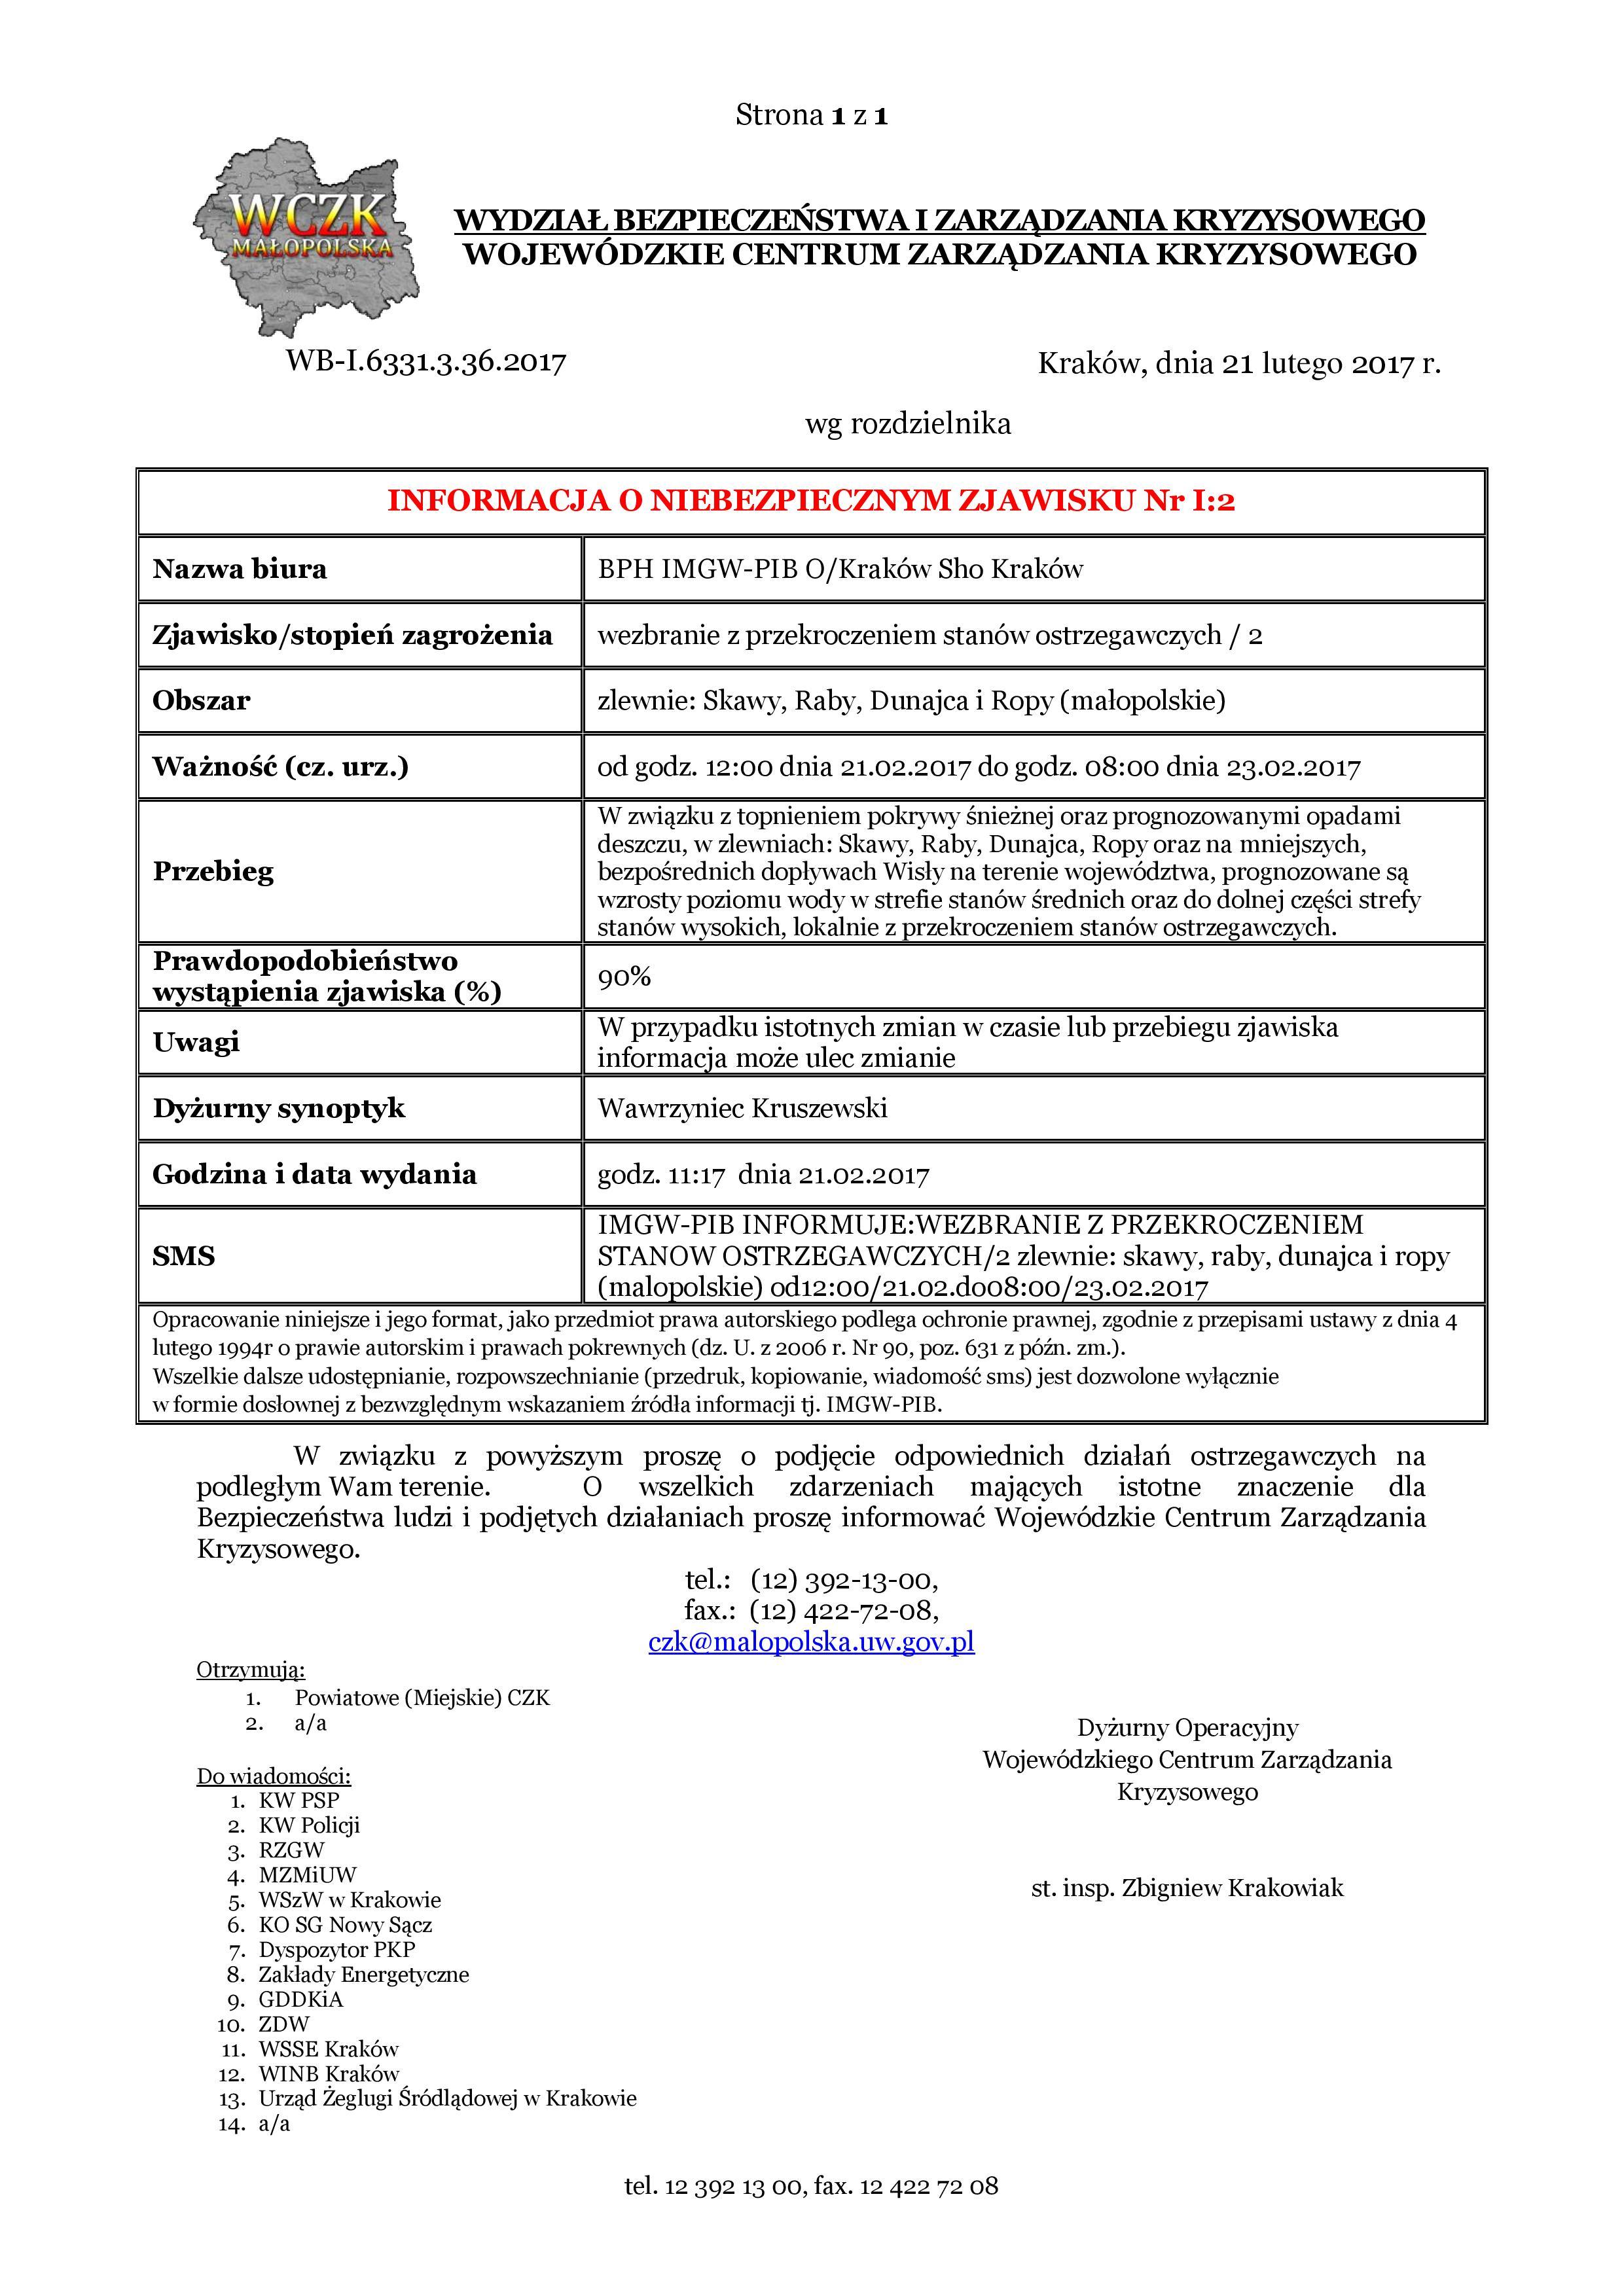 wb-i-6331-3-36-2017_informacja-o-niebezpiecznym-zjawisku-nr-i-2